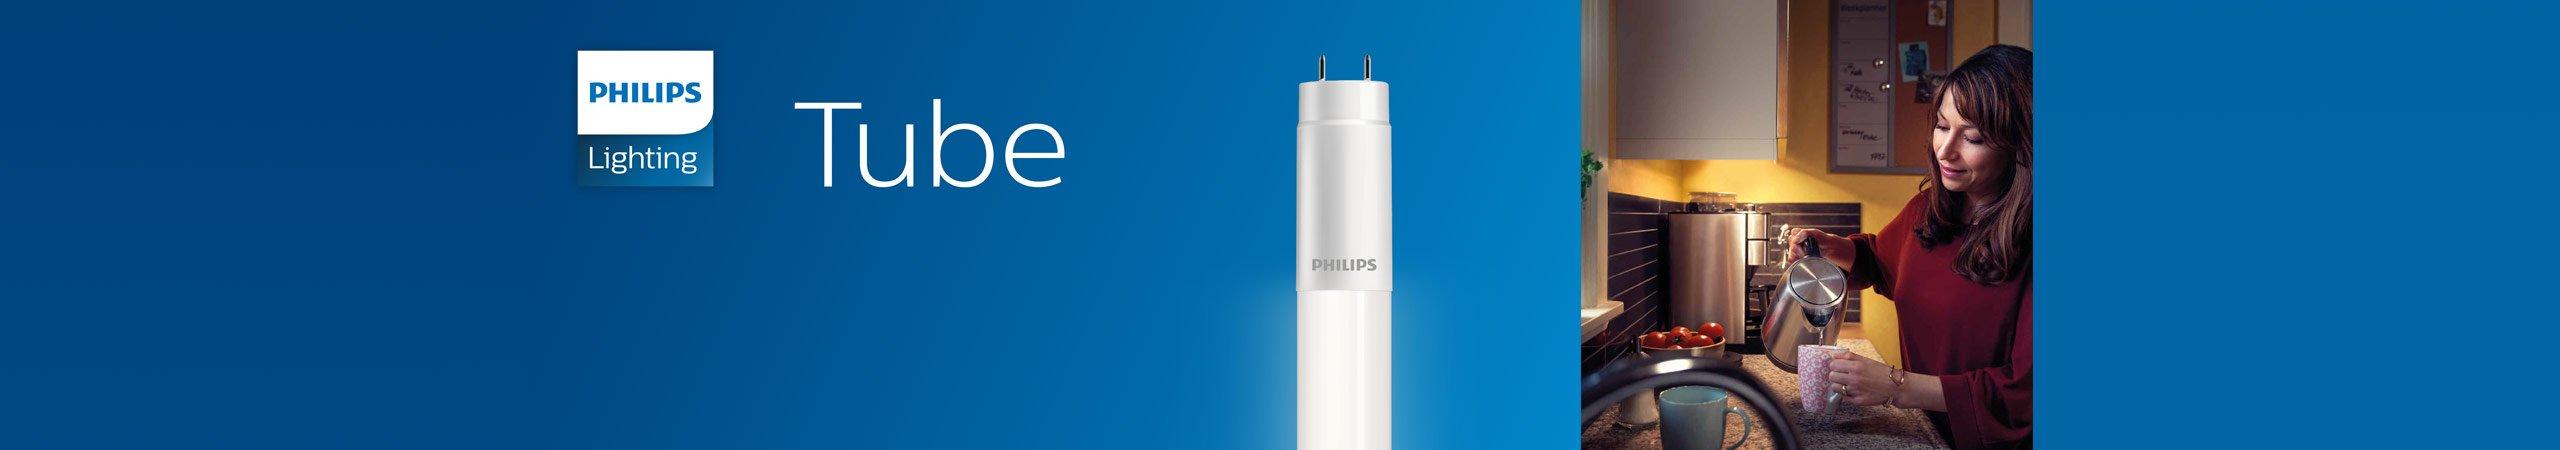 filir-phiips-tl-tube-2560x450